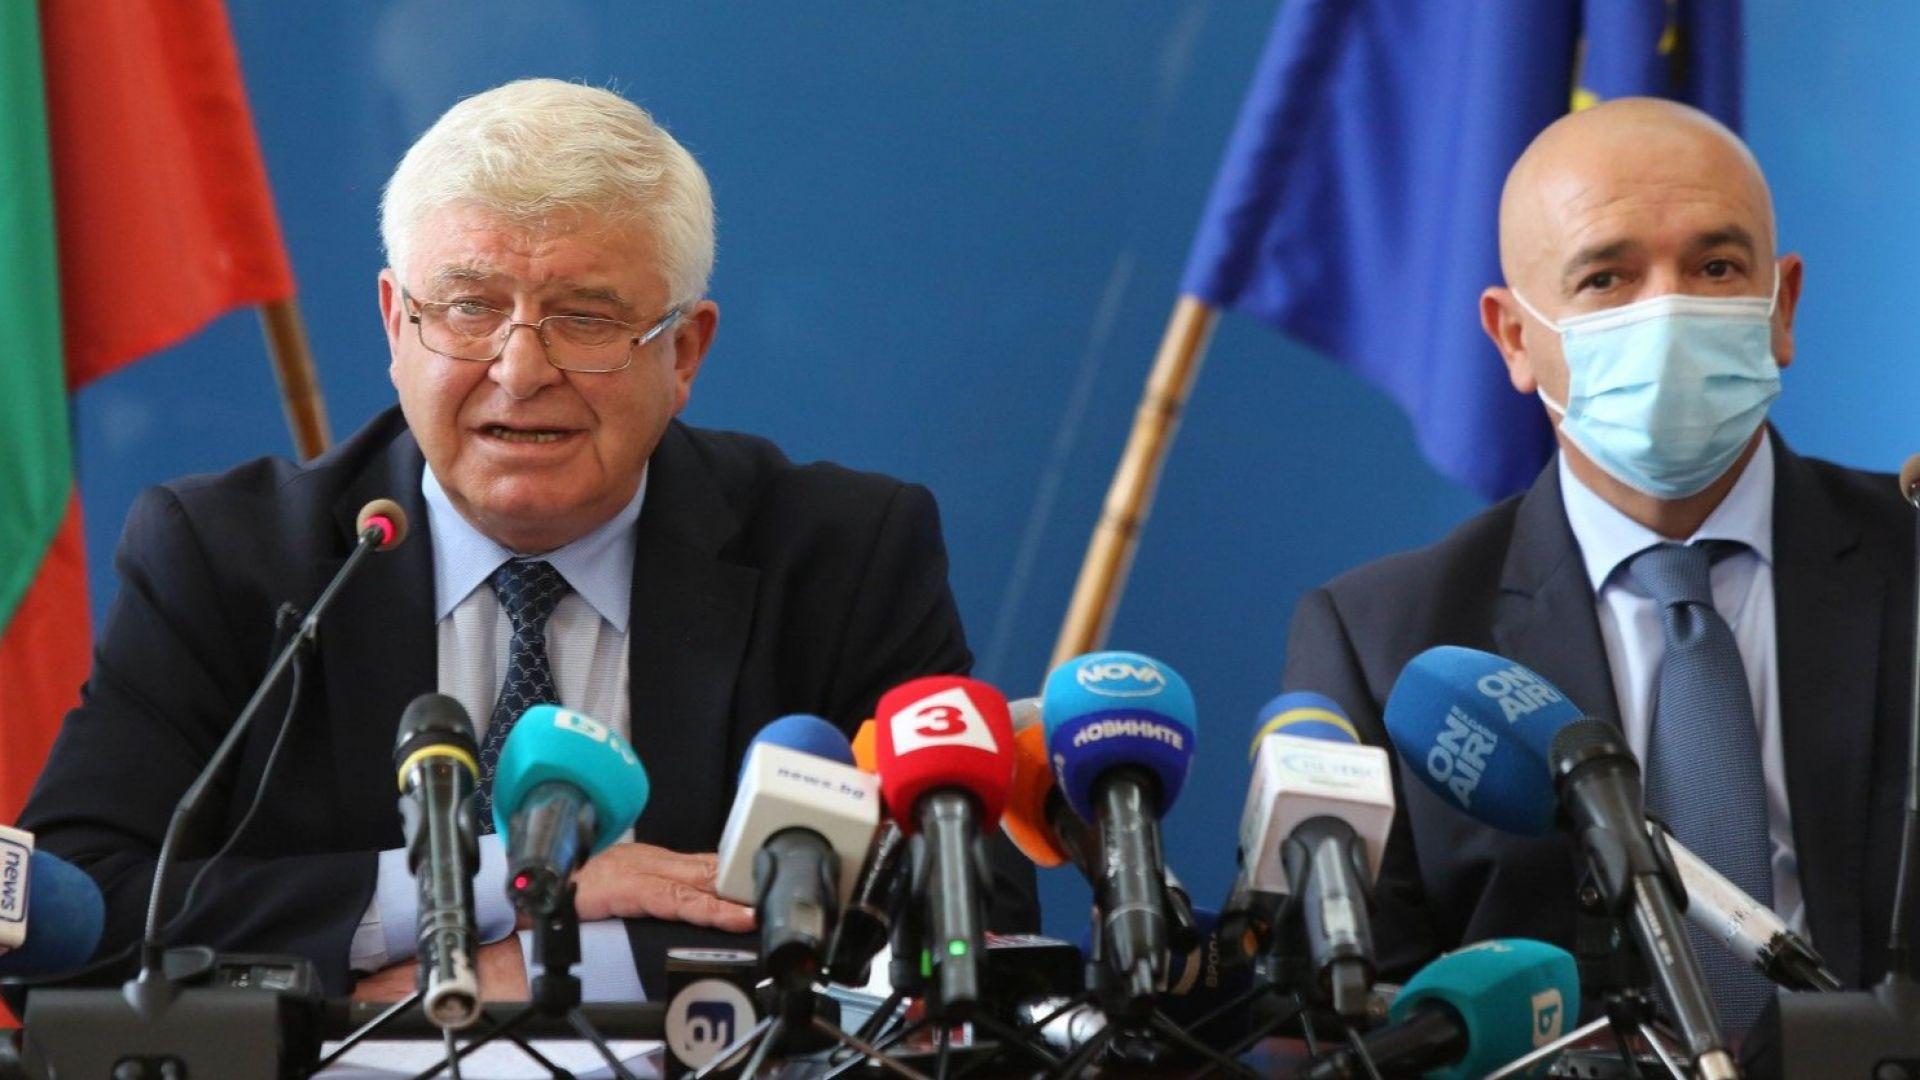 На пресконференцията присъстваха здравният министър Кирил Ананиев и председателят на Националния оперативен щаб генерал-майор д-р Венцислав Мутафчийски